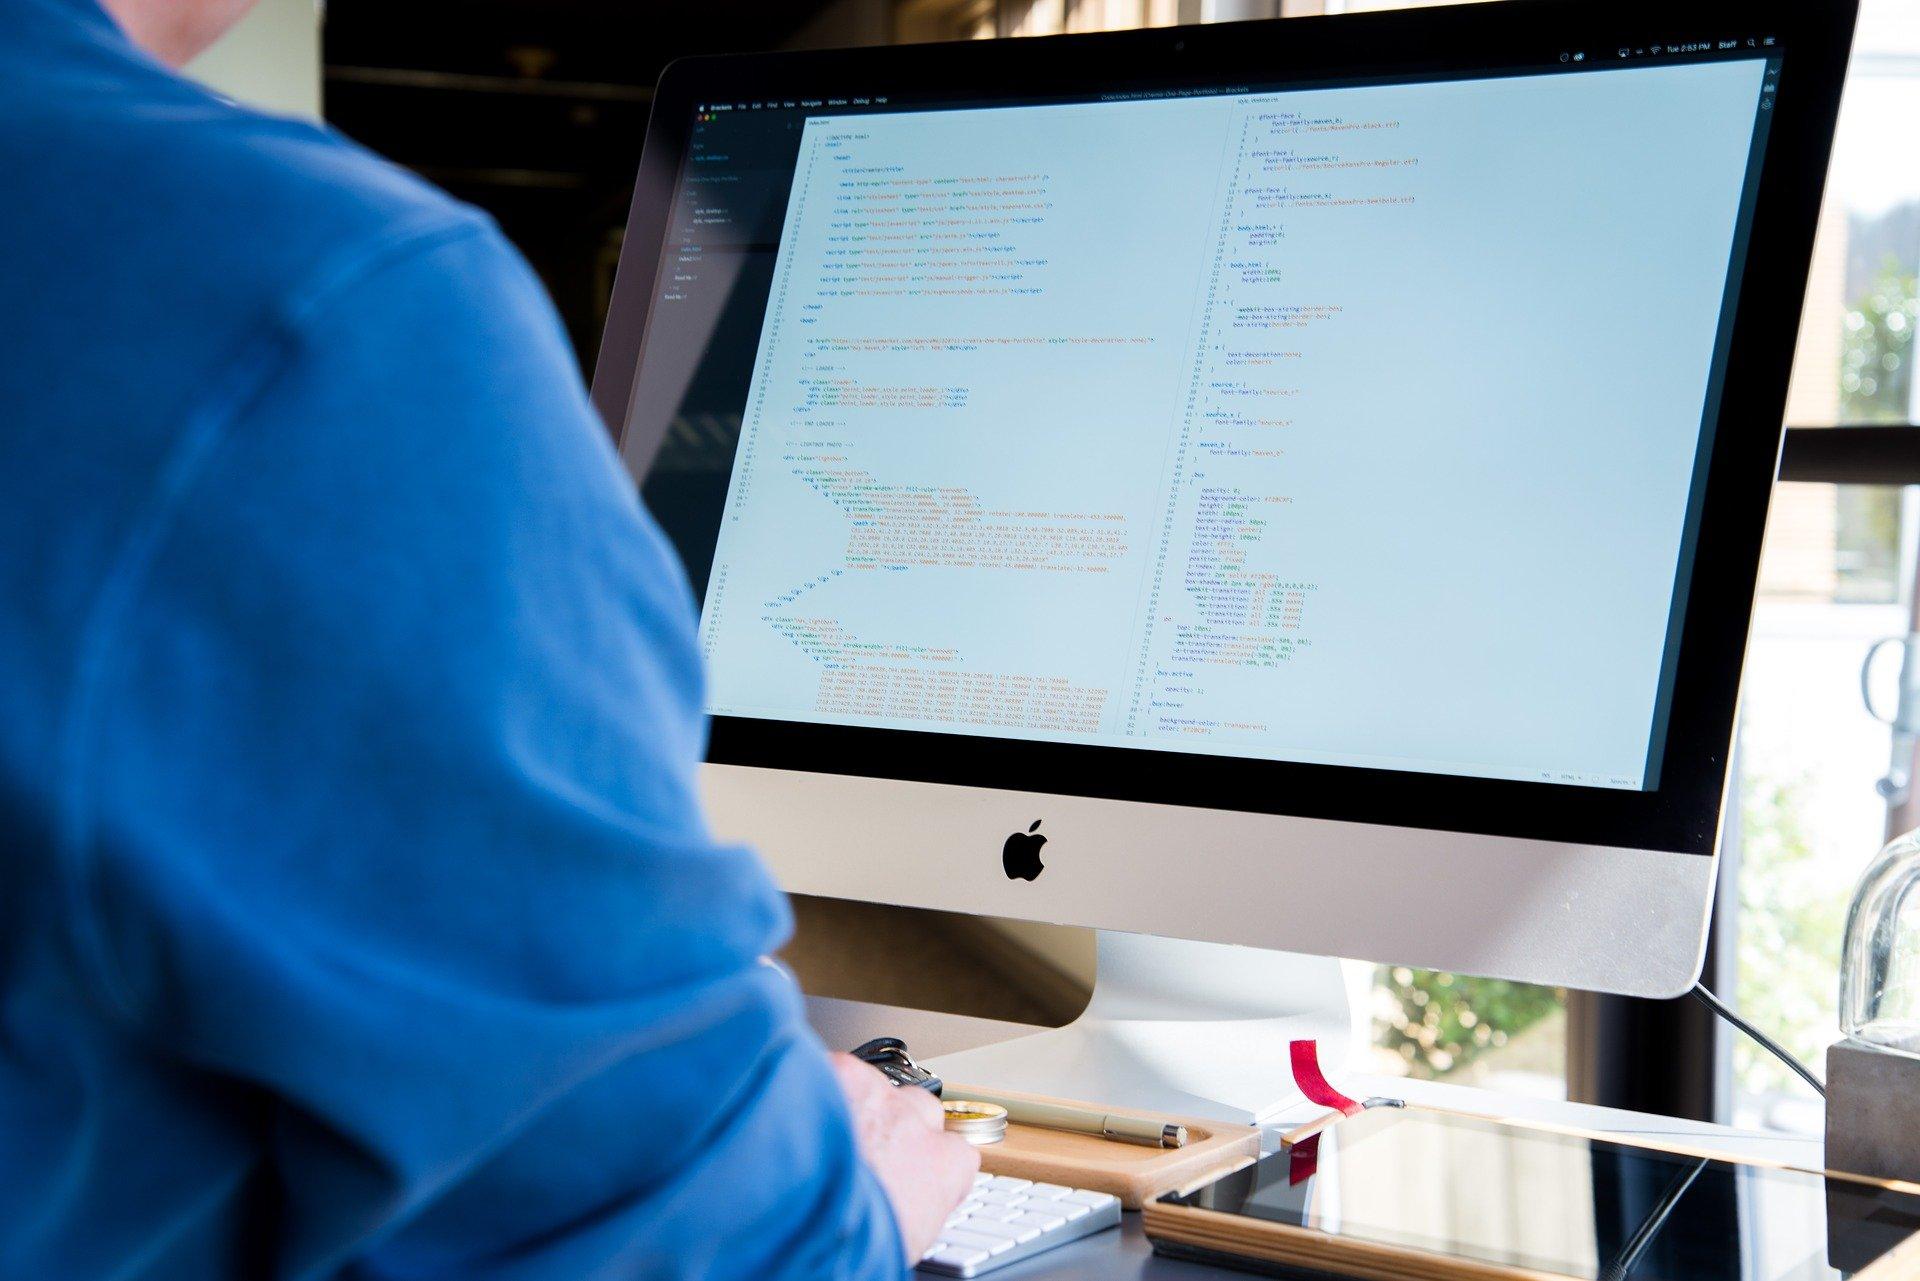 Studie für Employer Branding eines IT-Unternehmens